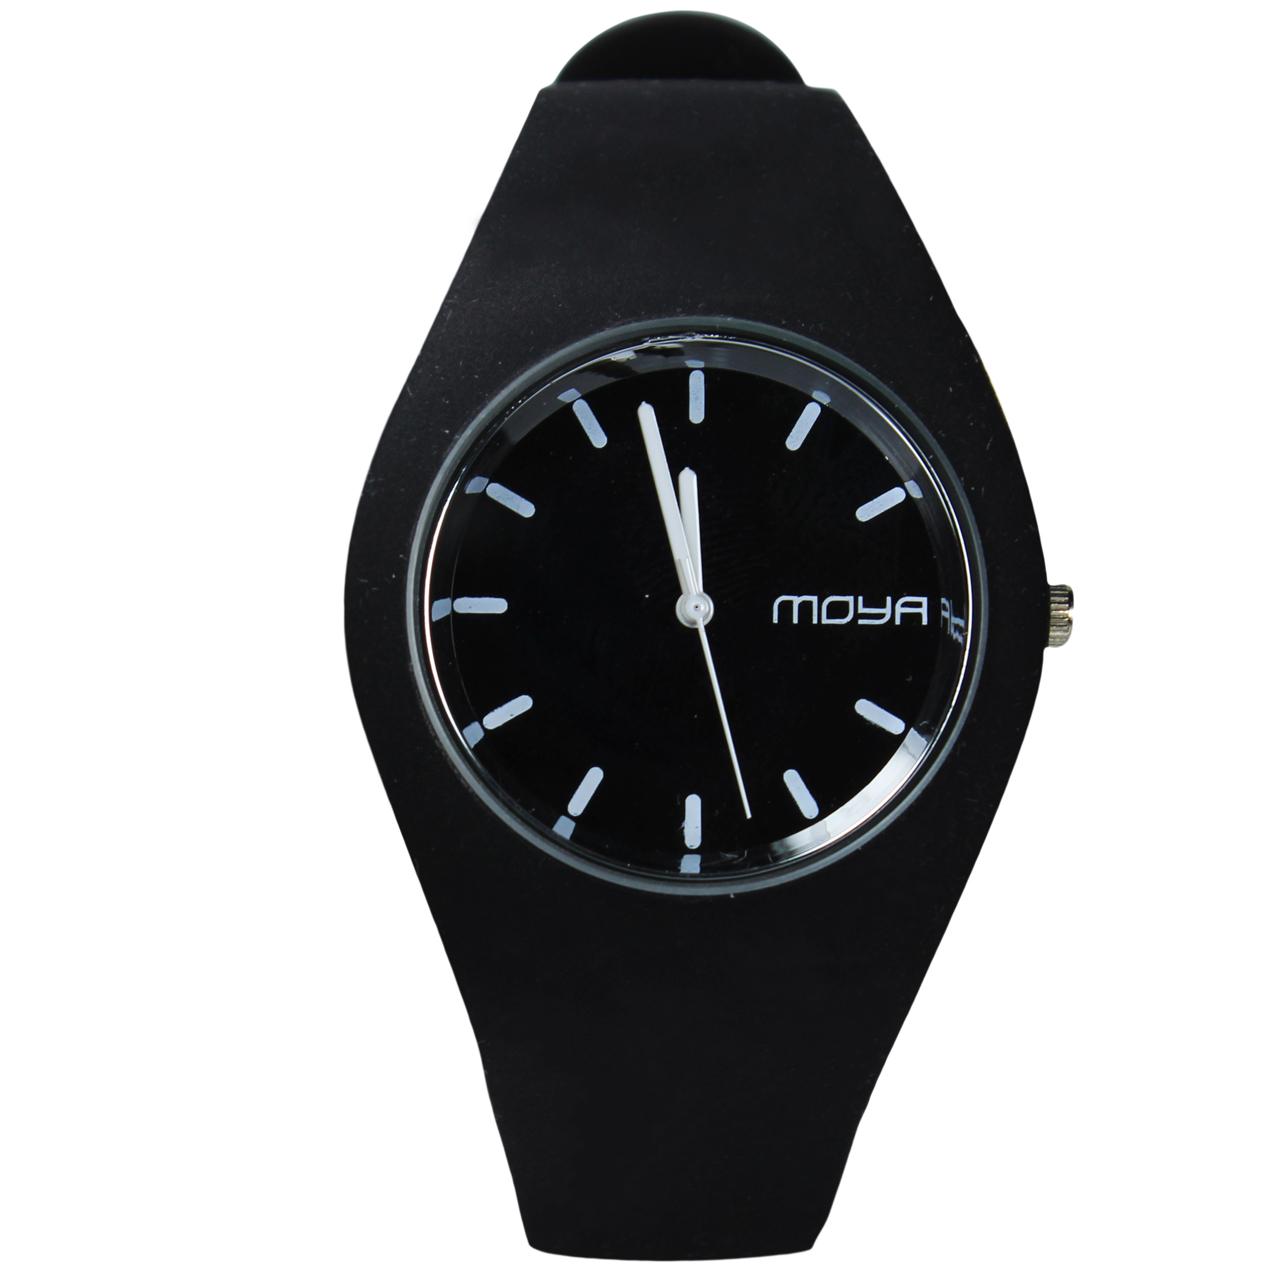 ساعت مچی عقربه ای مدل Moya-03 52